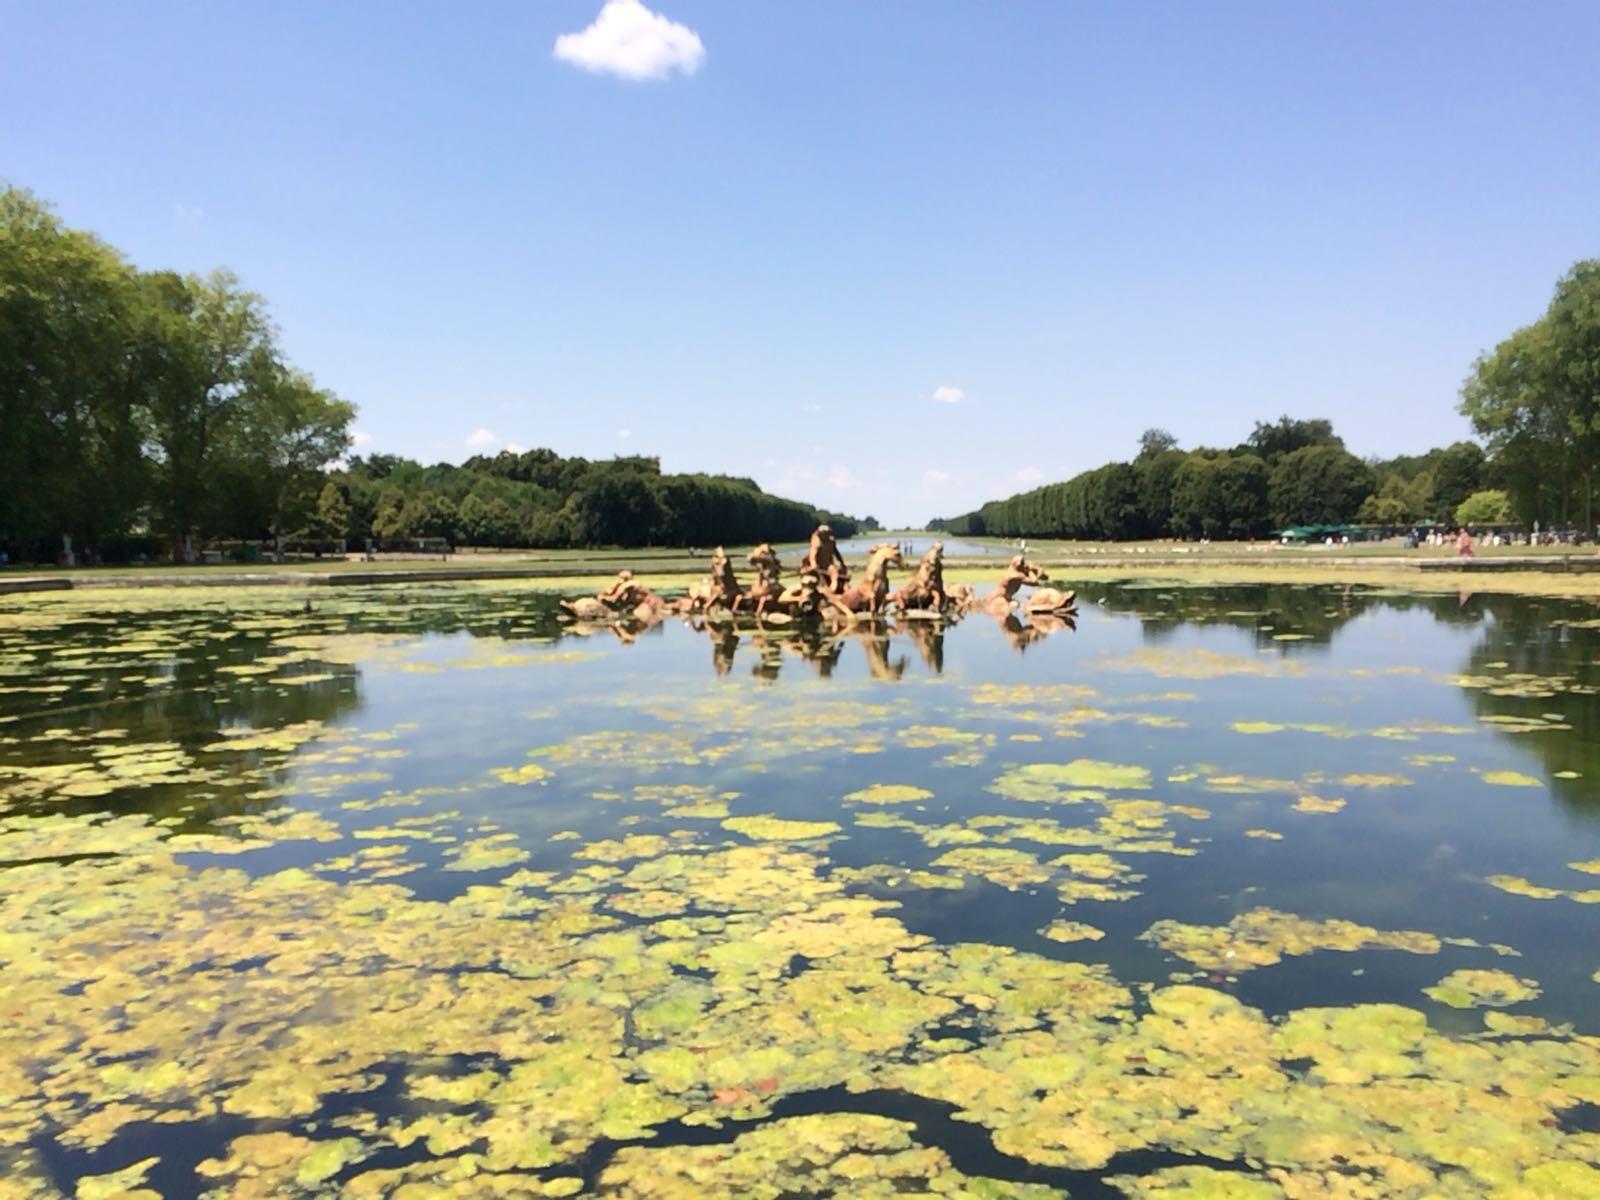 Bassins, Kaskaden, Zierbrunnen, Wasserspiele und Fontänen im Park von Versailles. Foto: Christian Baumann